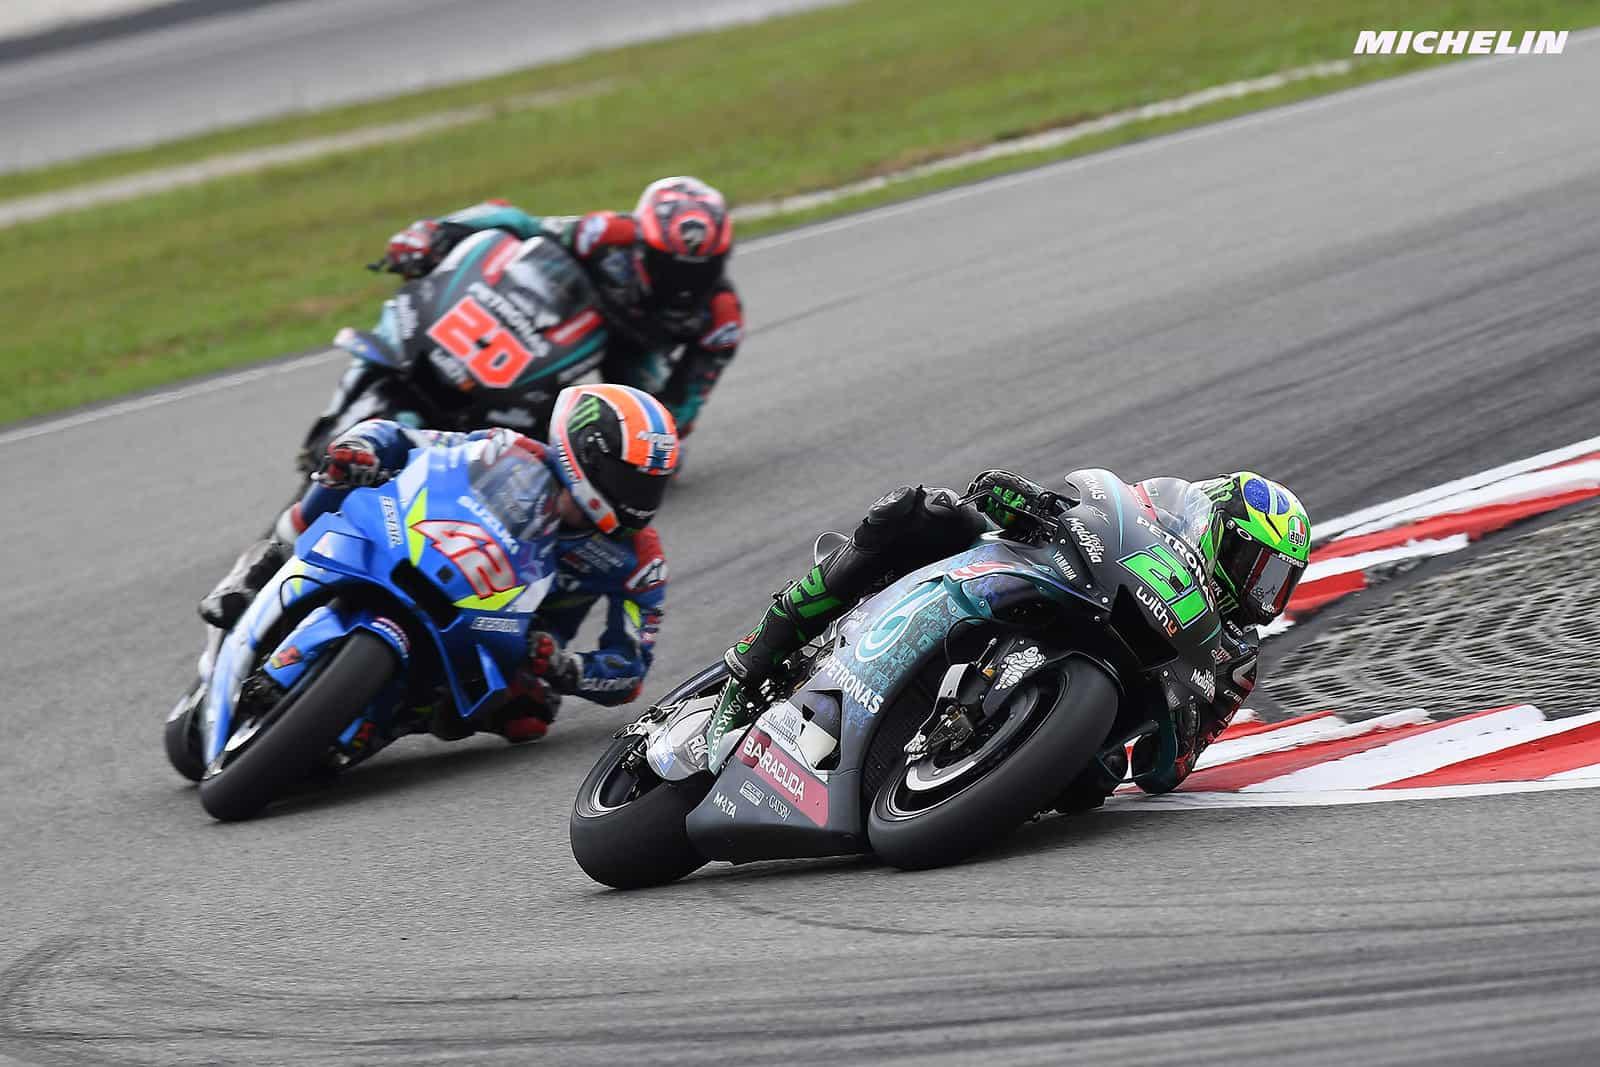 MotoGP2019マレーシアGP 6位フランコ・モルビデッリ「最終戦で表彰台を狙っていく」